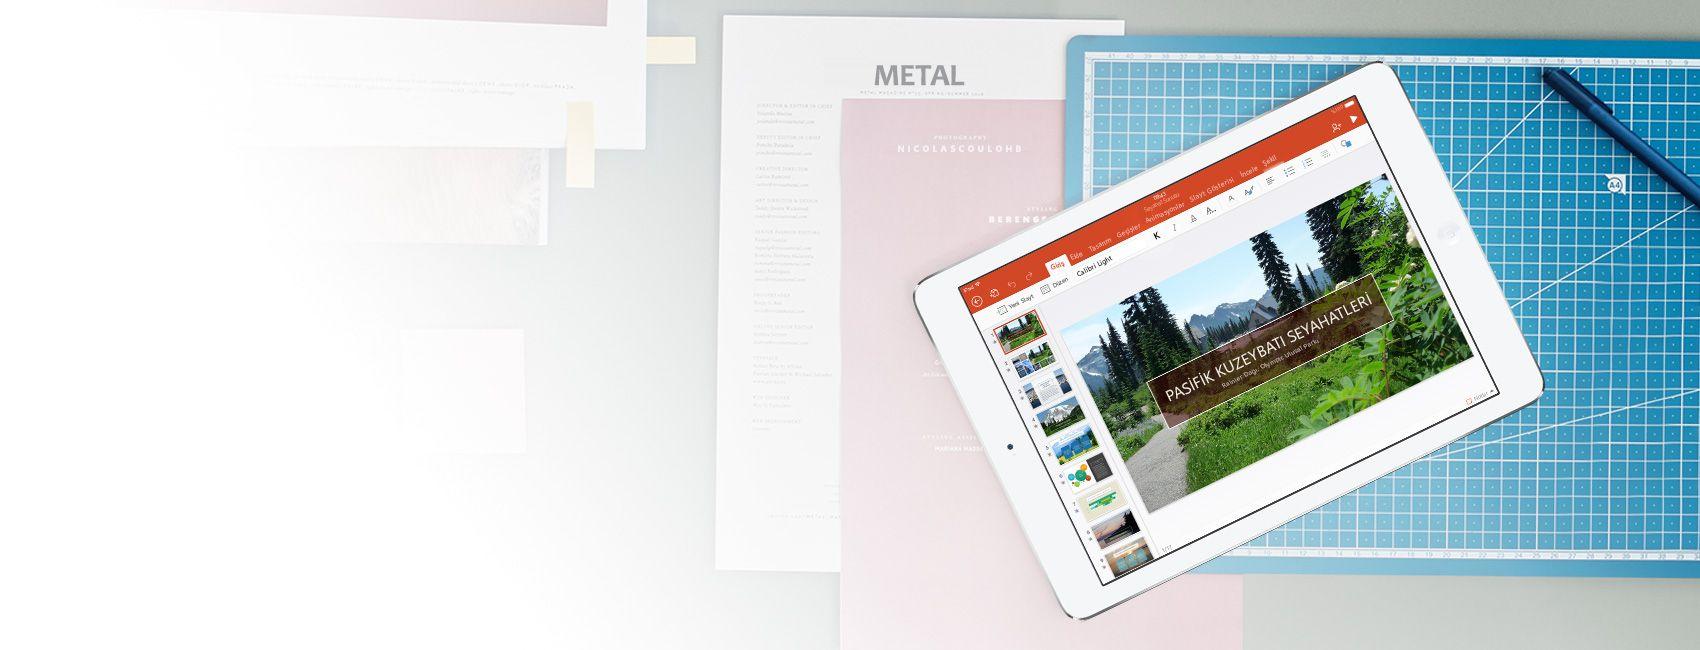 Pacific Northwest Travels hakkında bir PowerPoint sunusu görüntülenen iPad